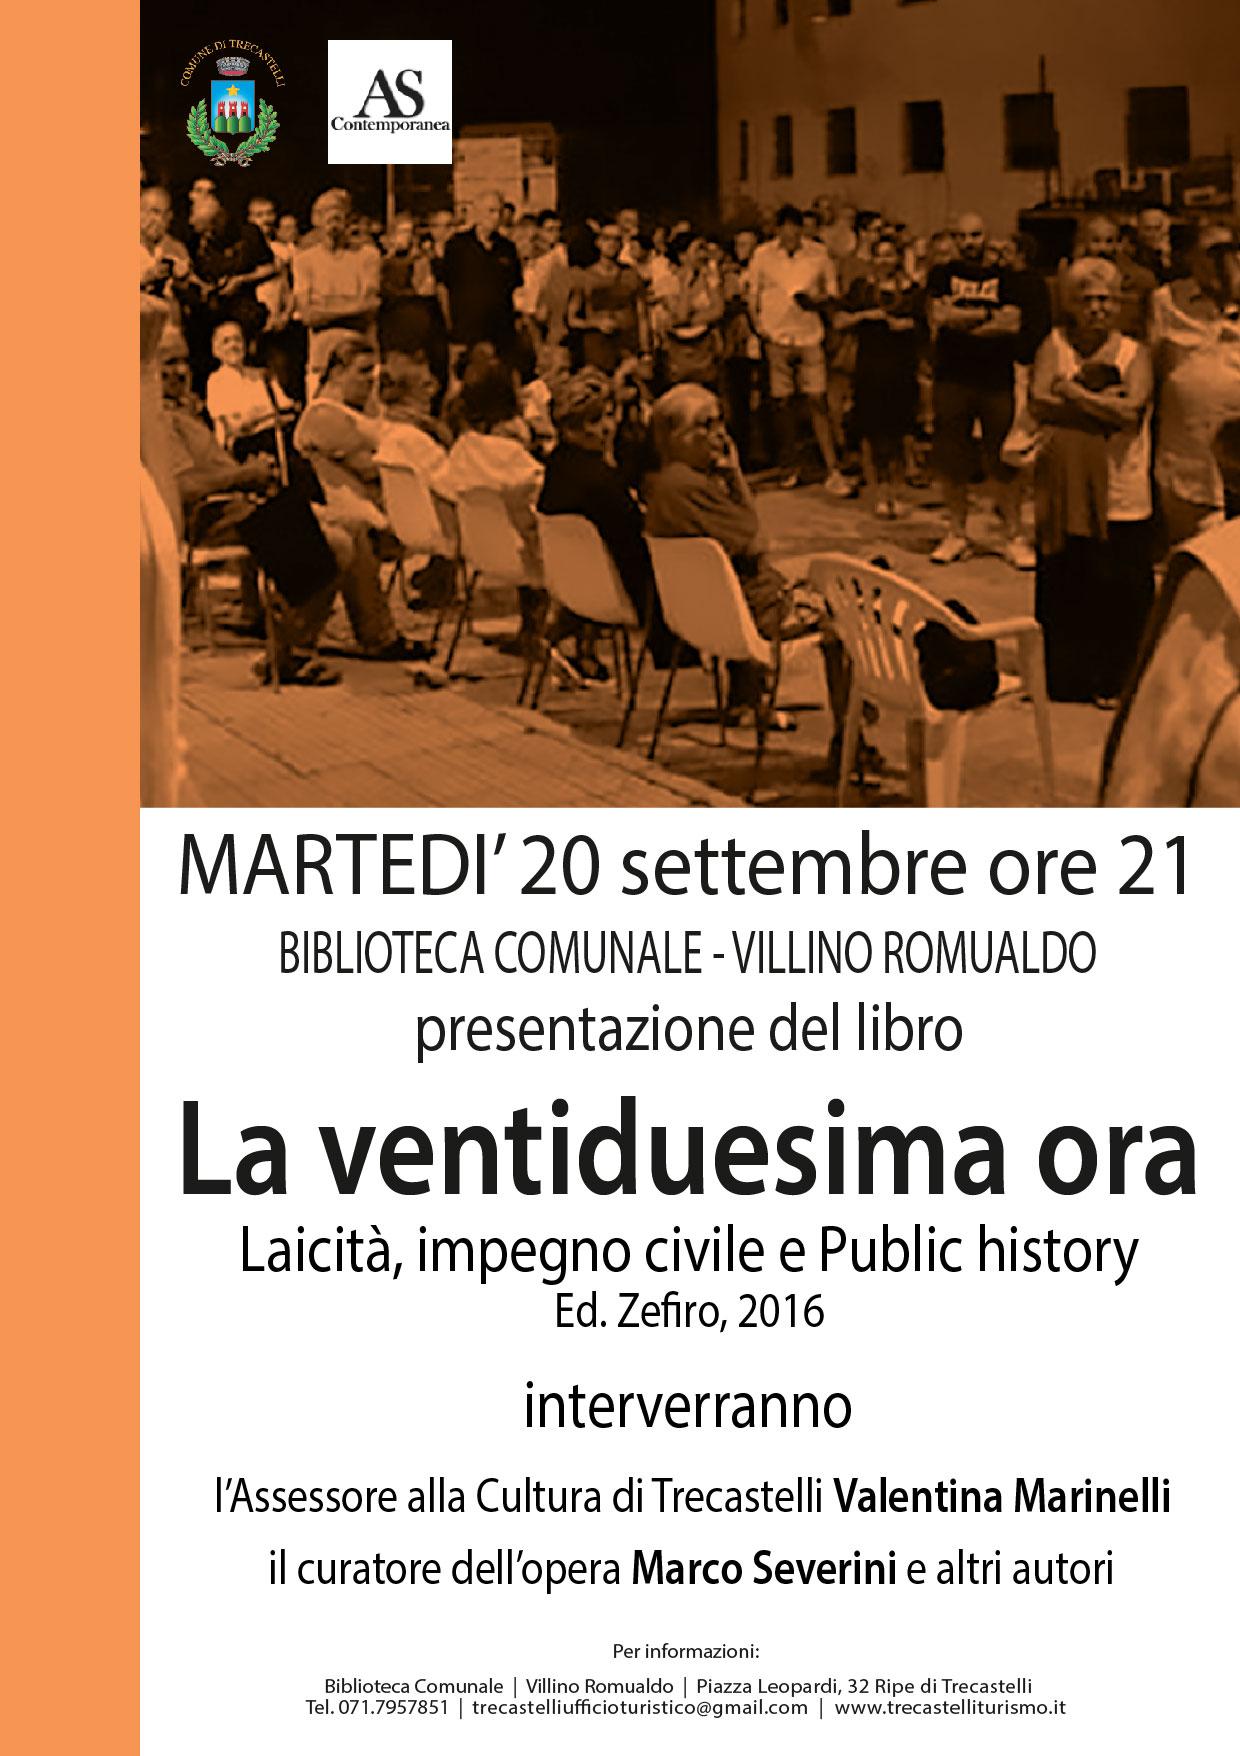 Trecastelli, al Villino Romualdo la presentazione del libro La ventiduesima ora di Marco Severini